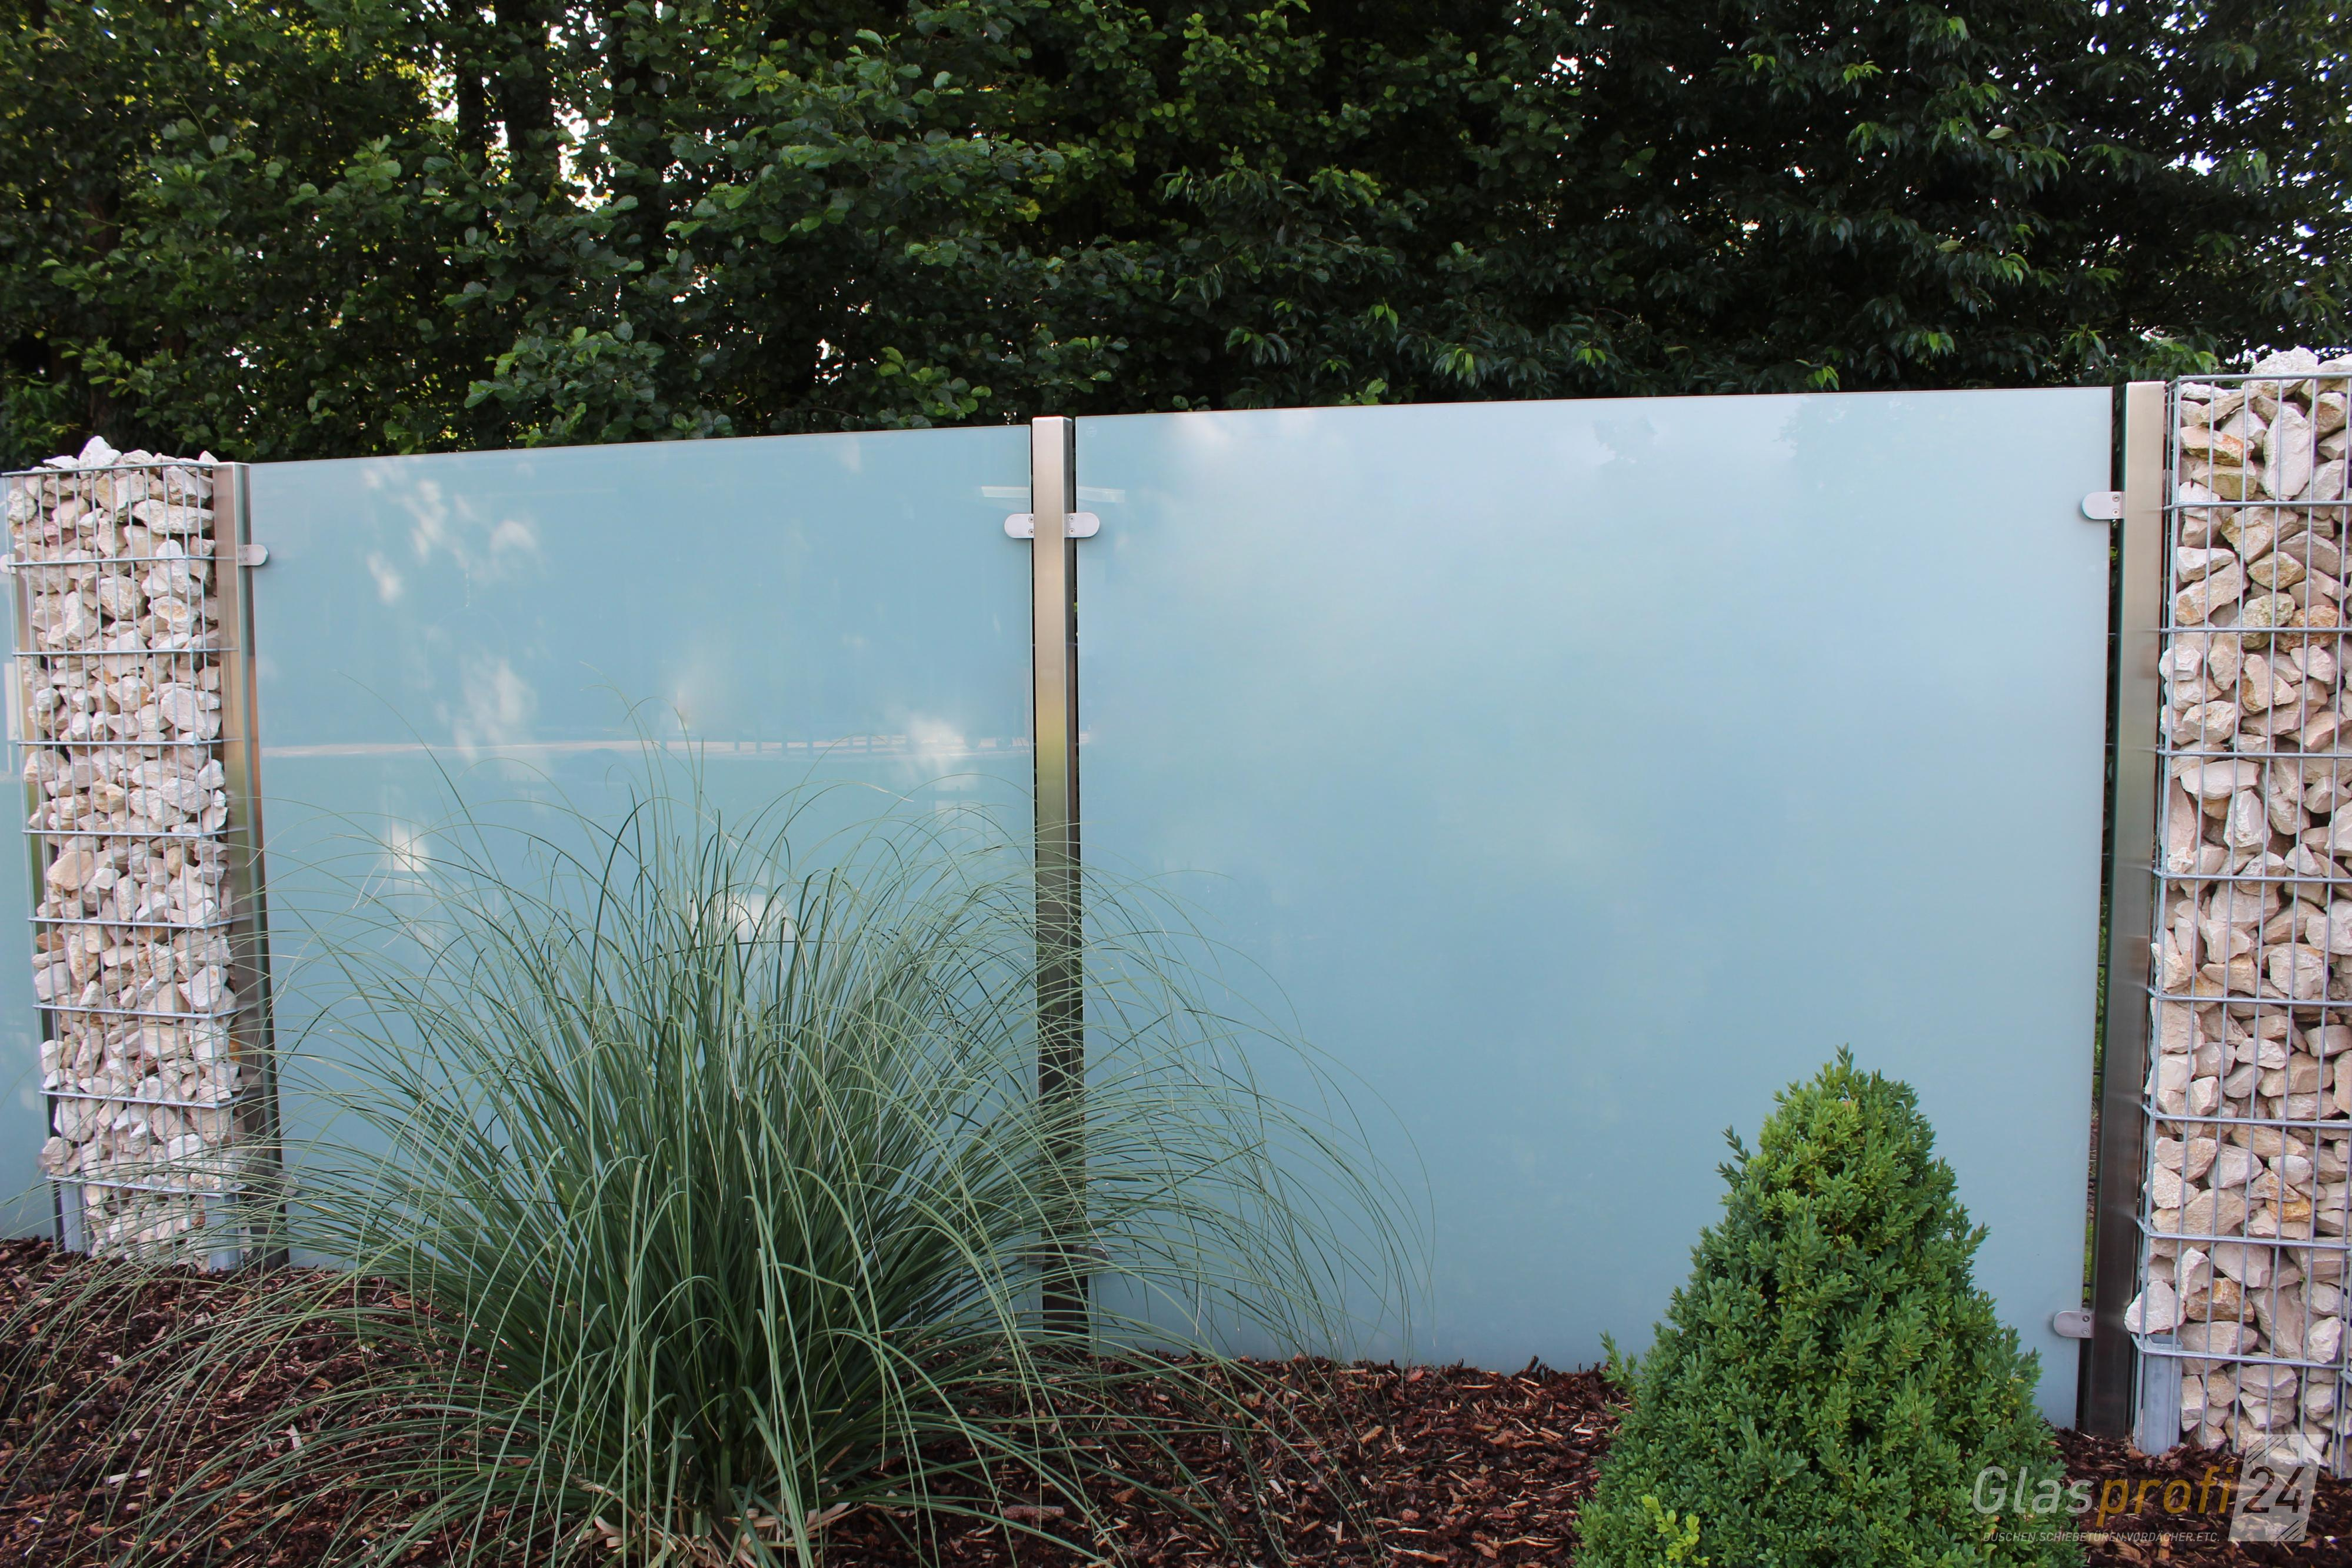 Sichtschutz Aus Glas Fur Den Garten Glasprofi24